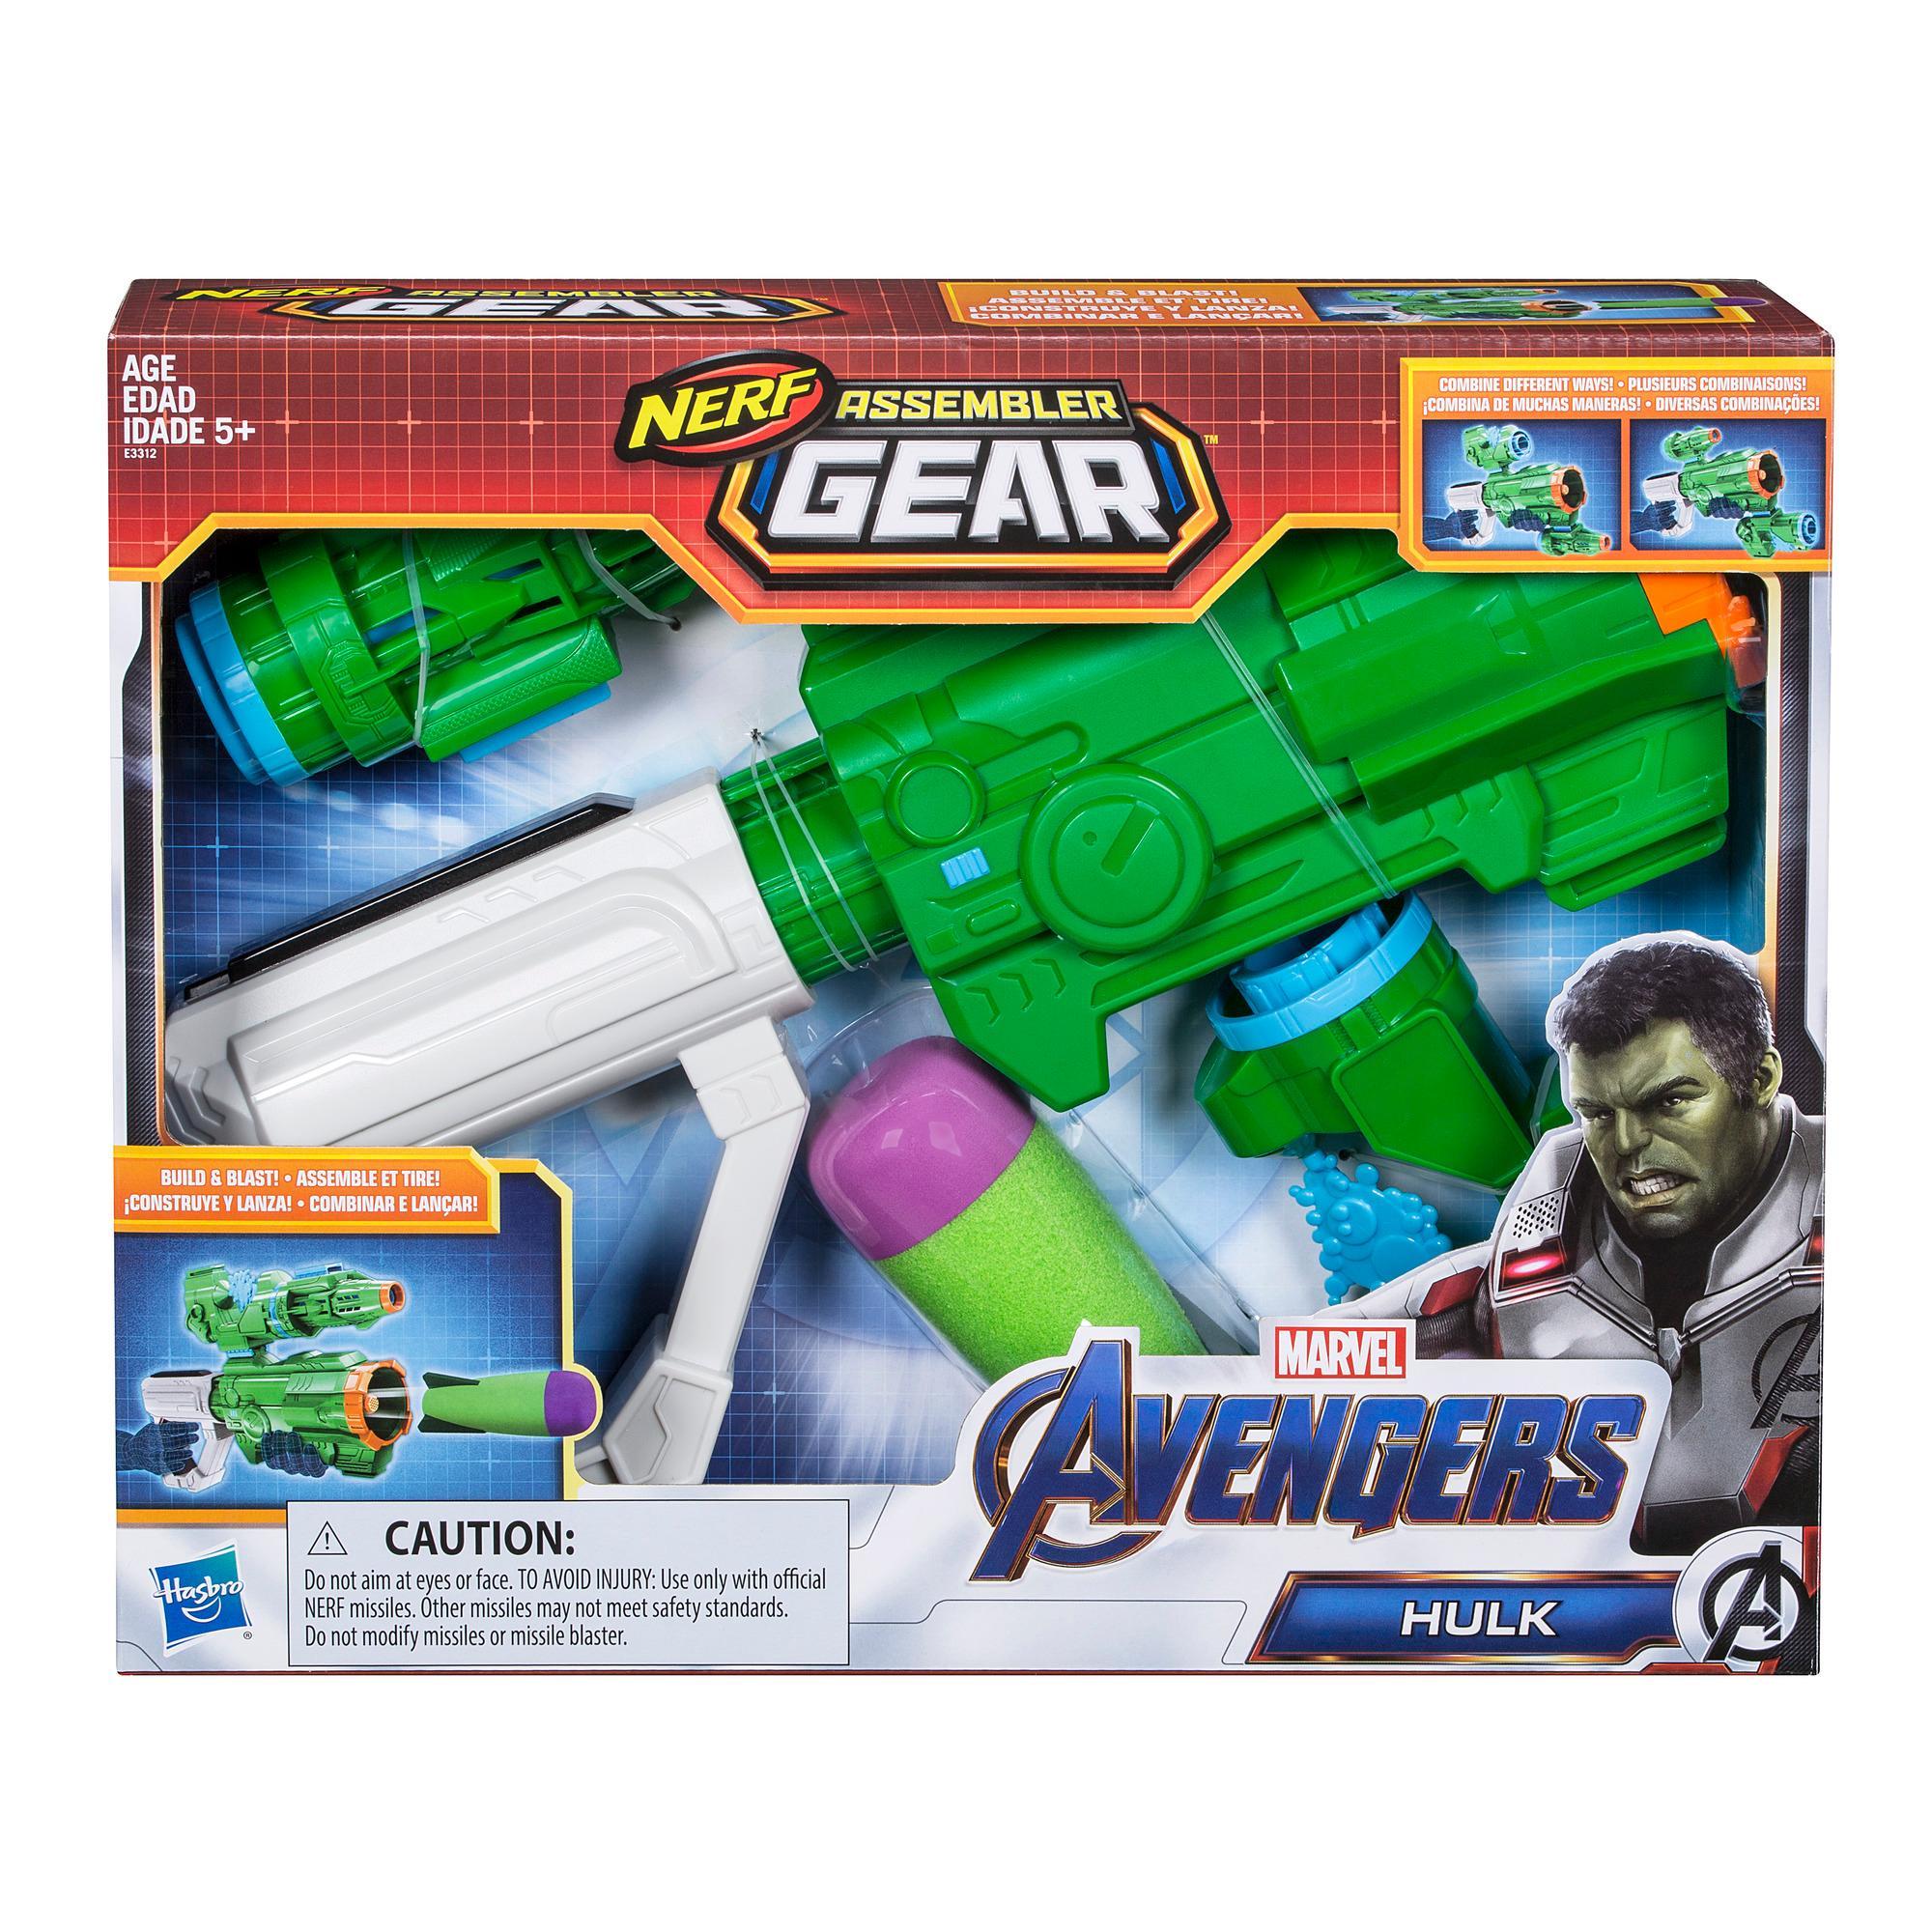 Marvel Avengers: Endgame Nerf Hulk Assembler Gear